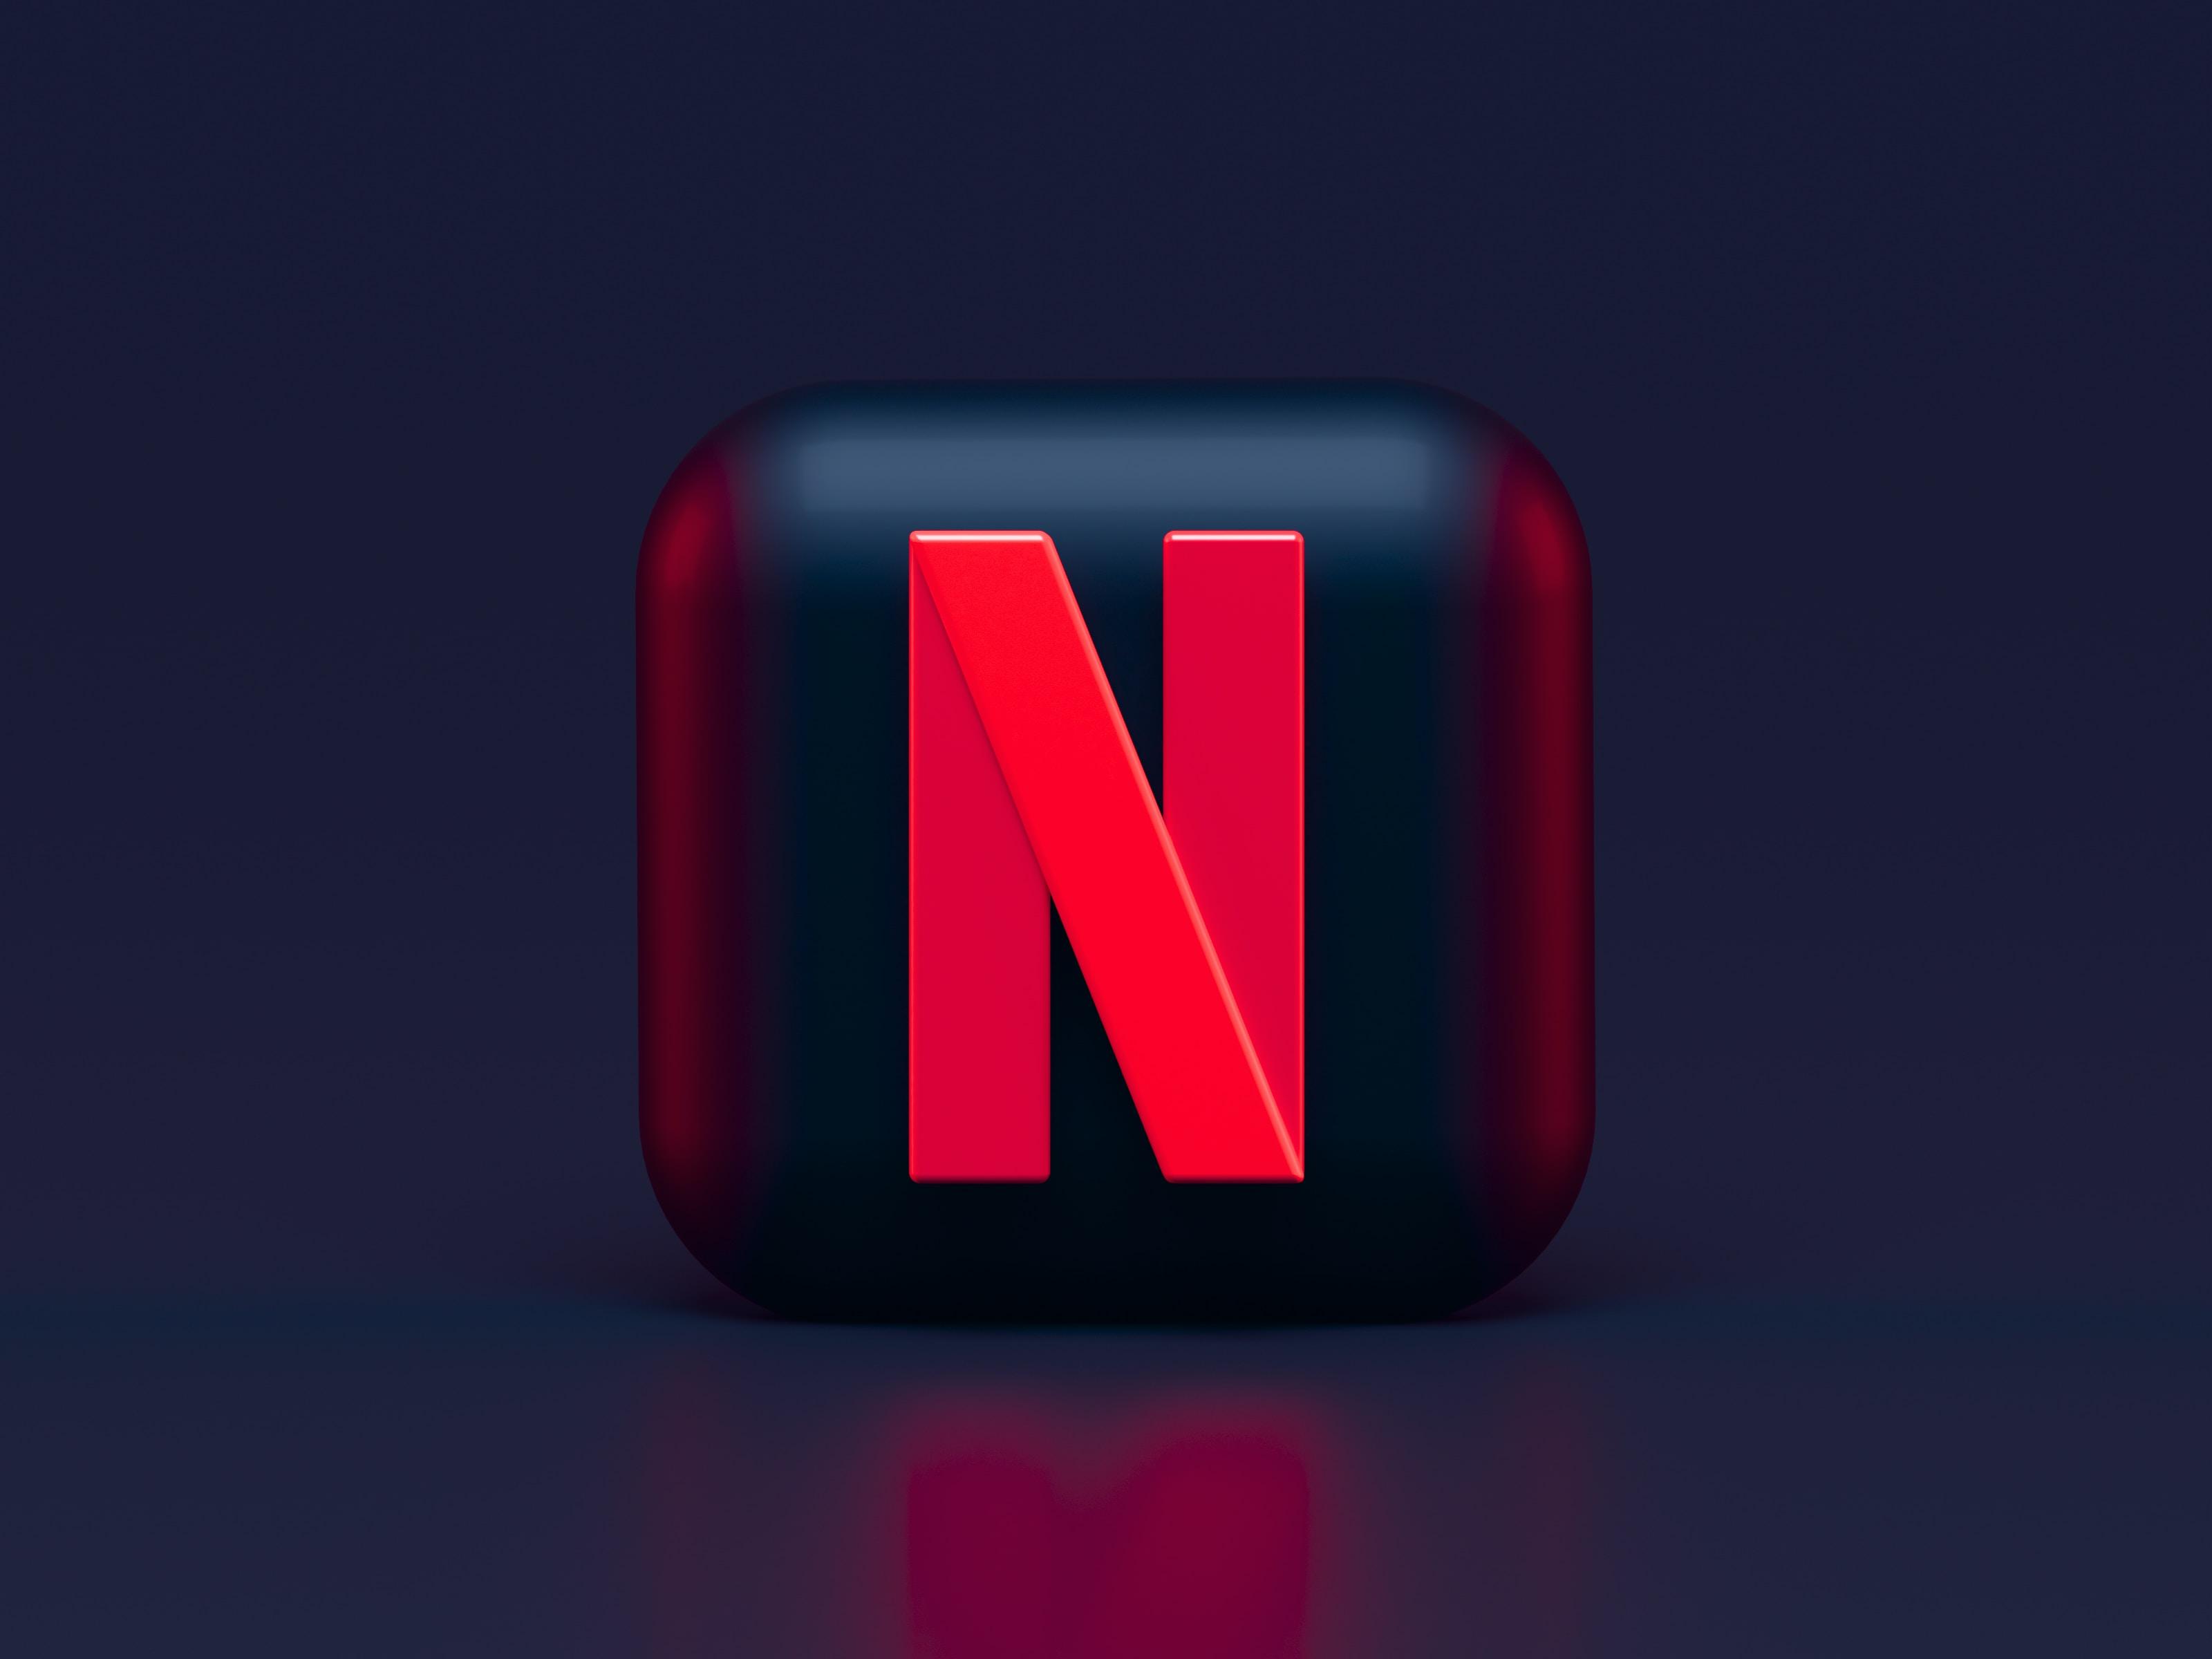 Netflix Dark Mode 3D icon concept